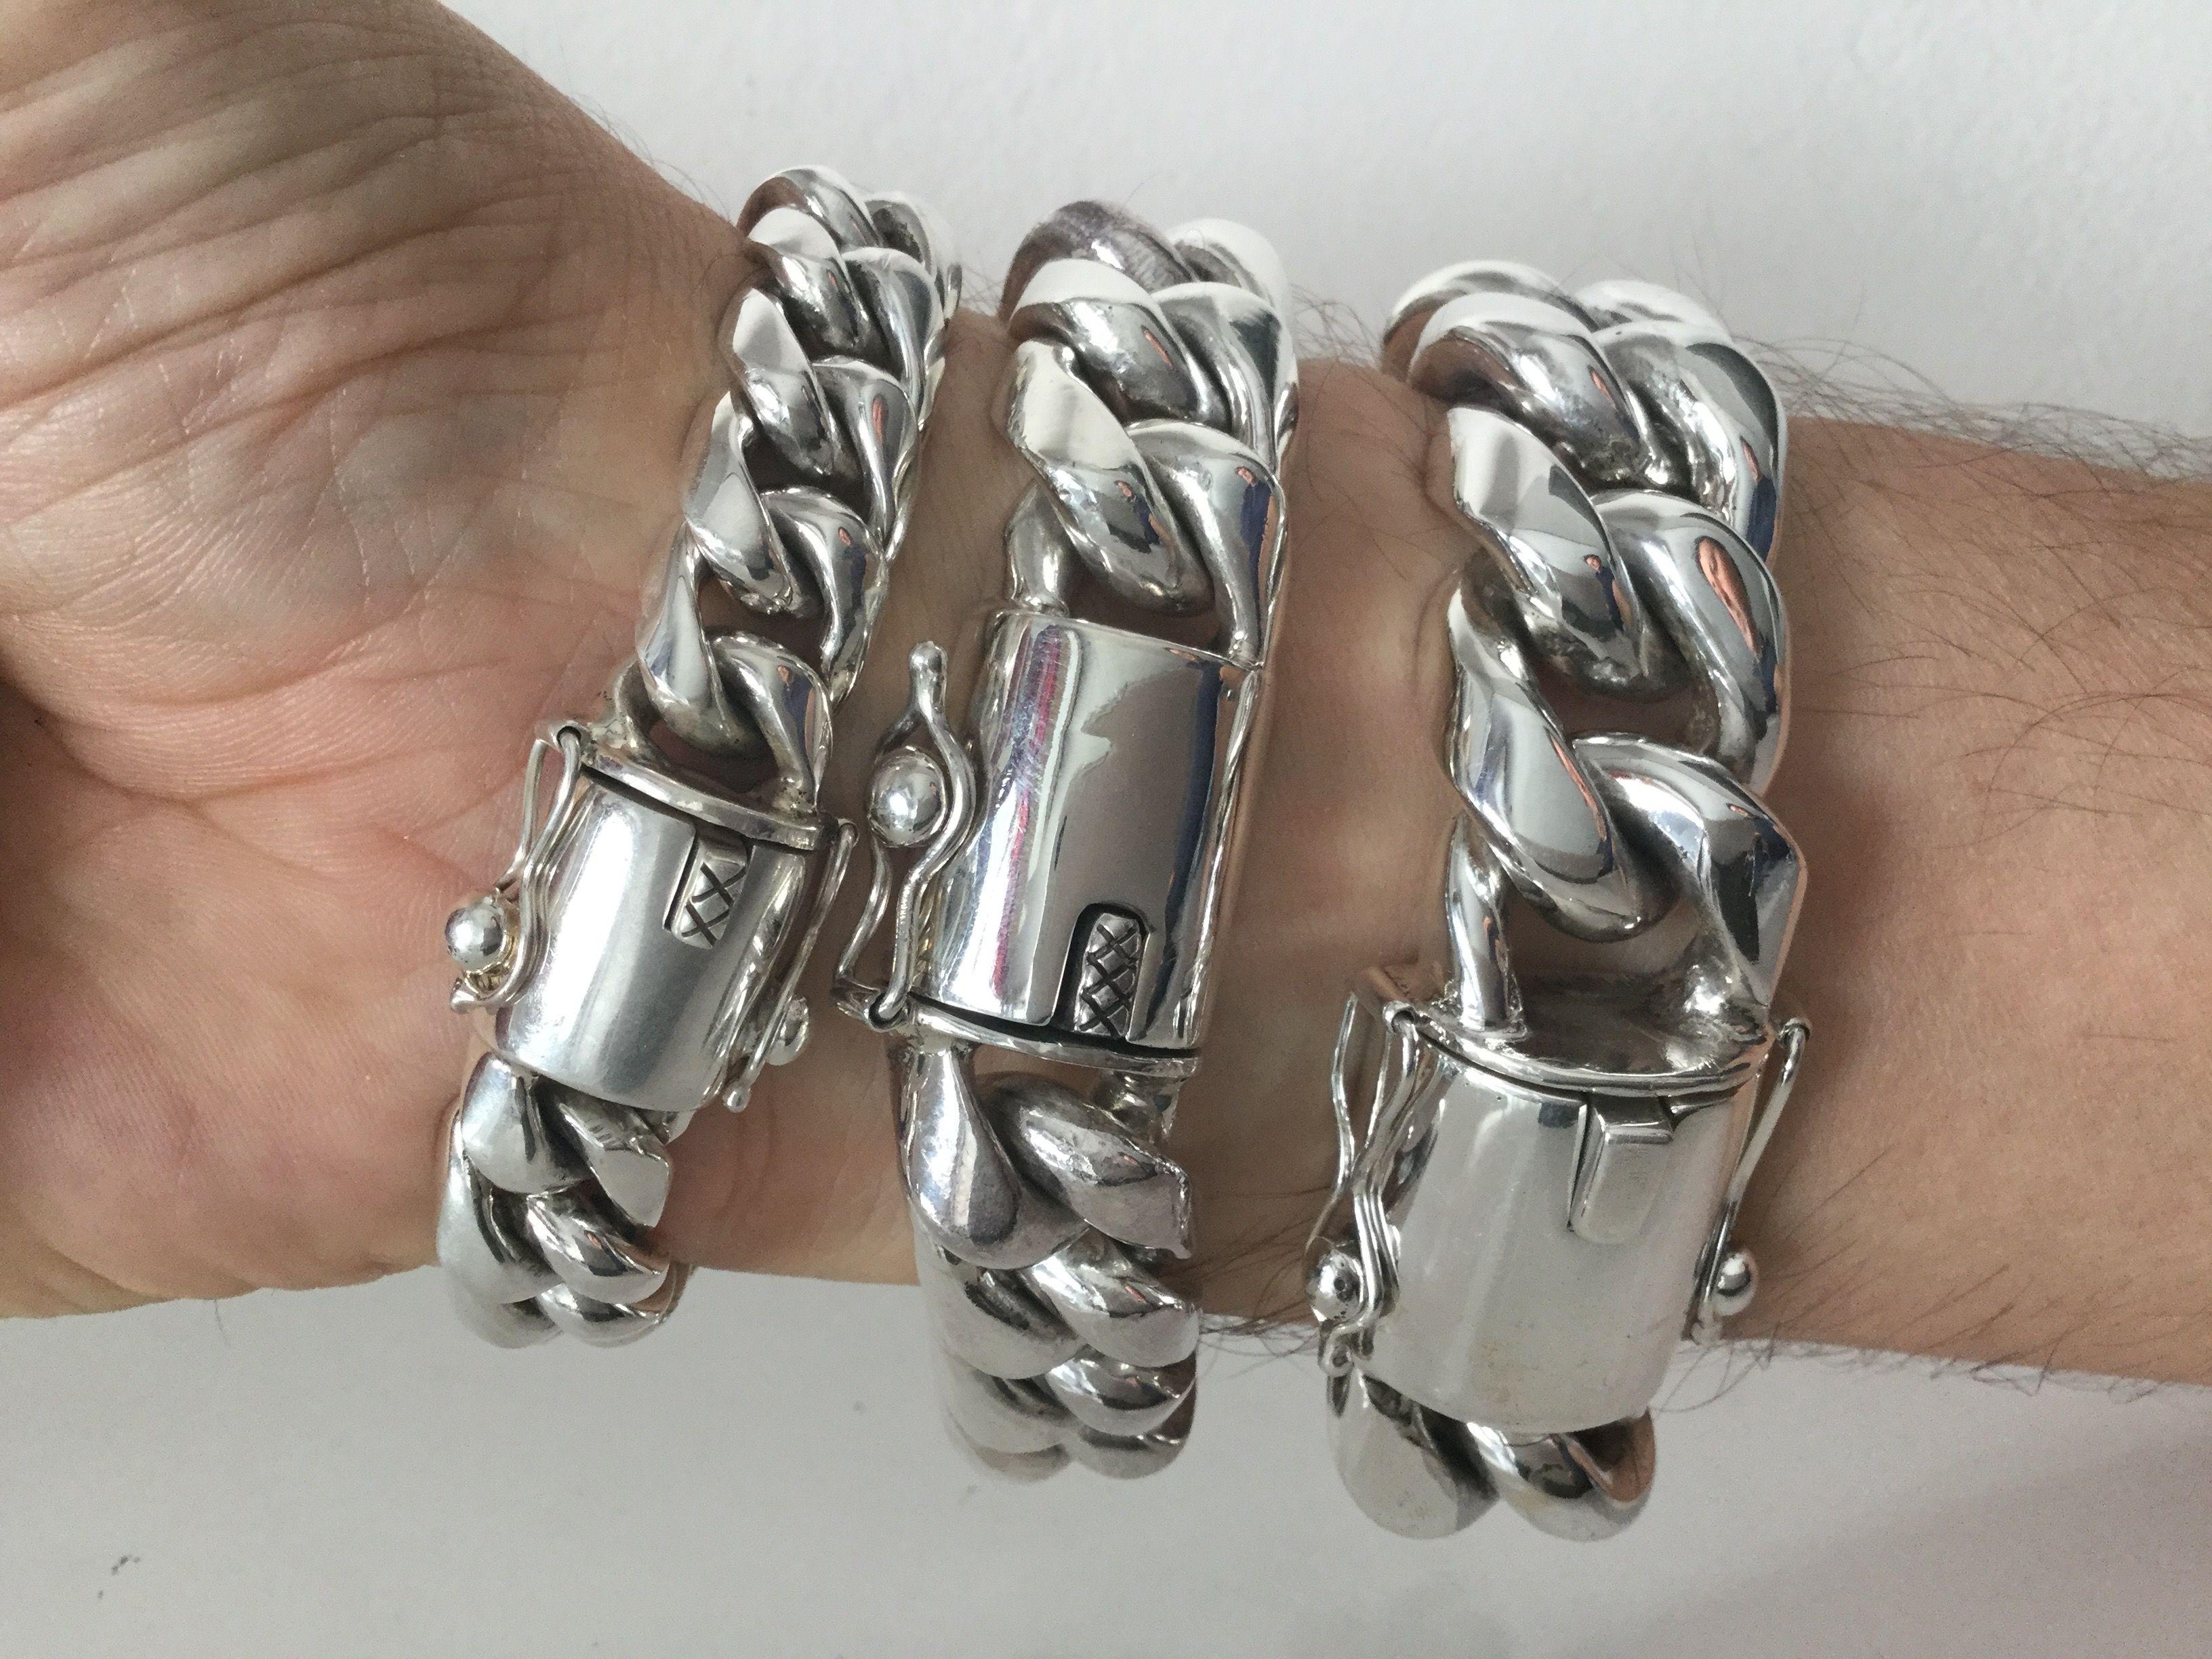 Heavy Heavier Heaviest Miami Cuban Links Bracelets 15 20mm